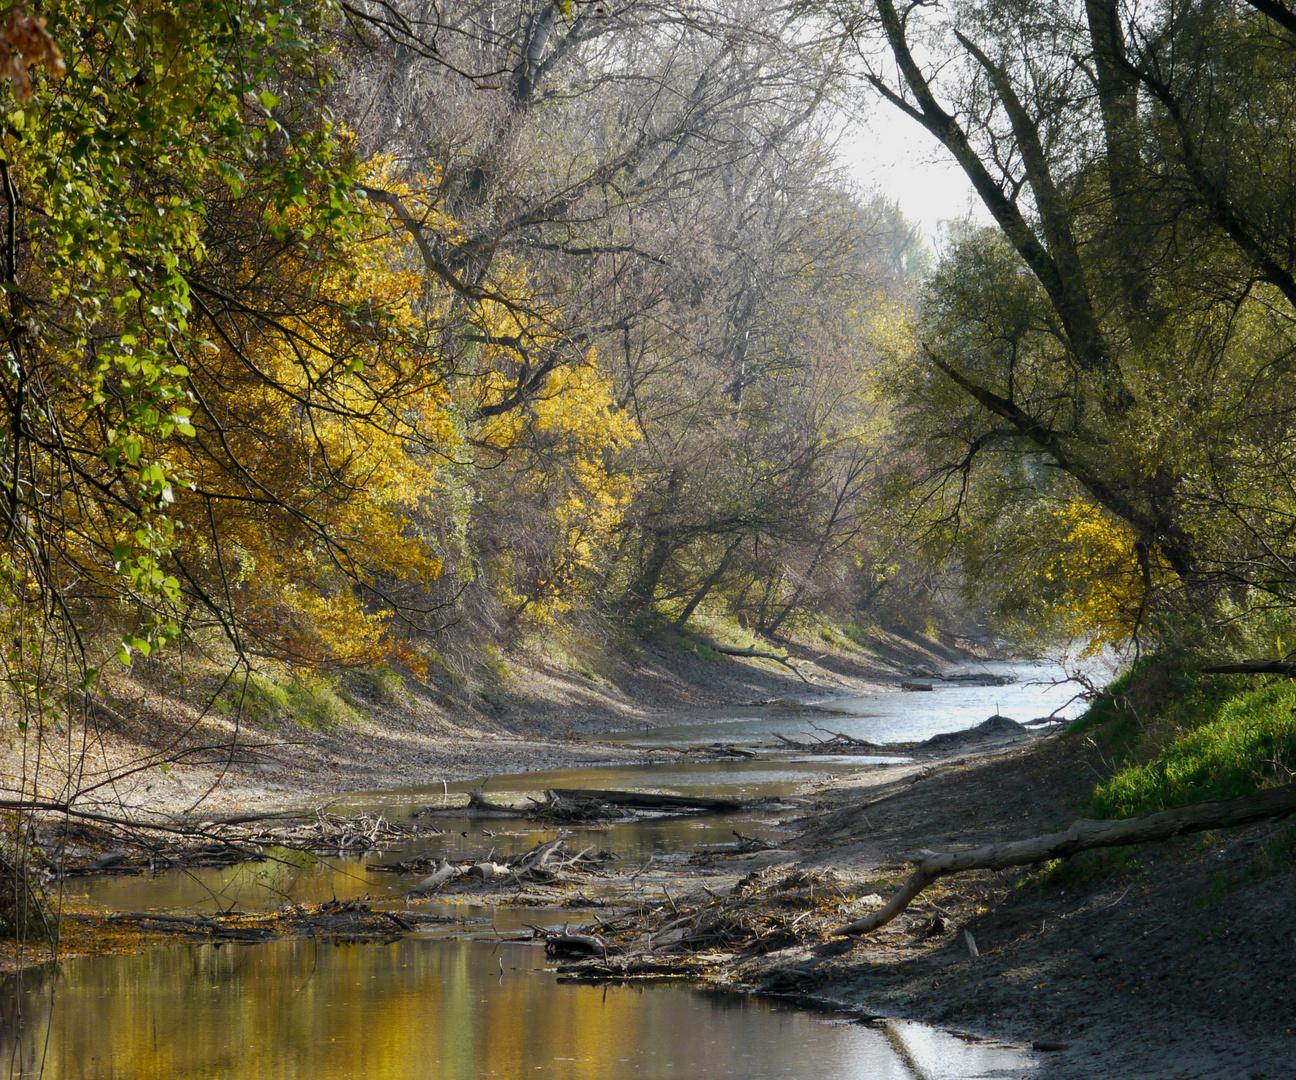 Herbst in der Hainburger Au